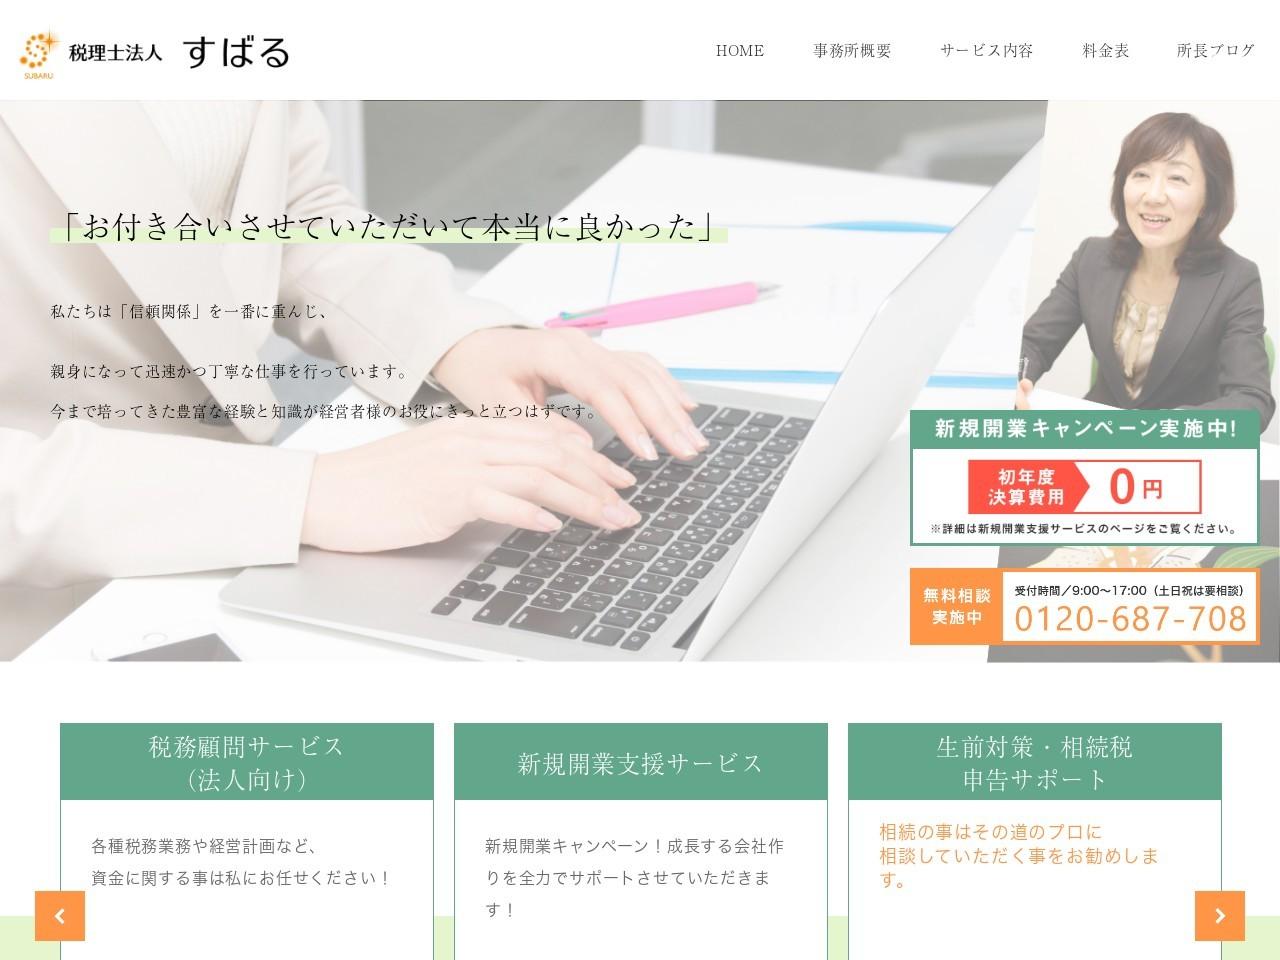 すばる(税理士法人)